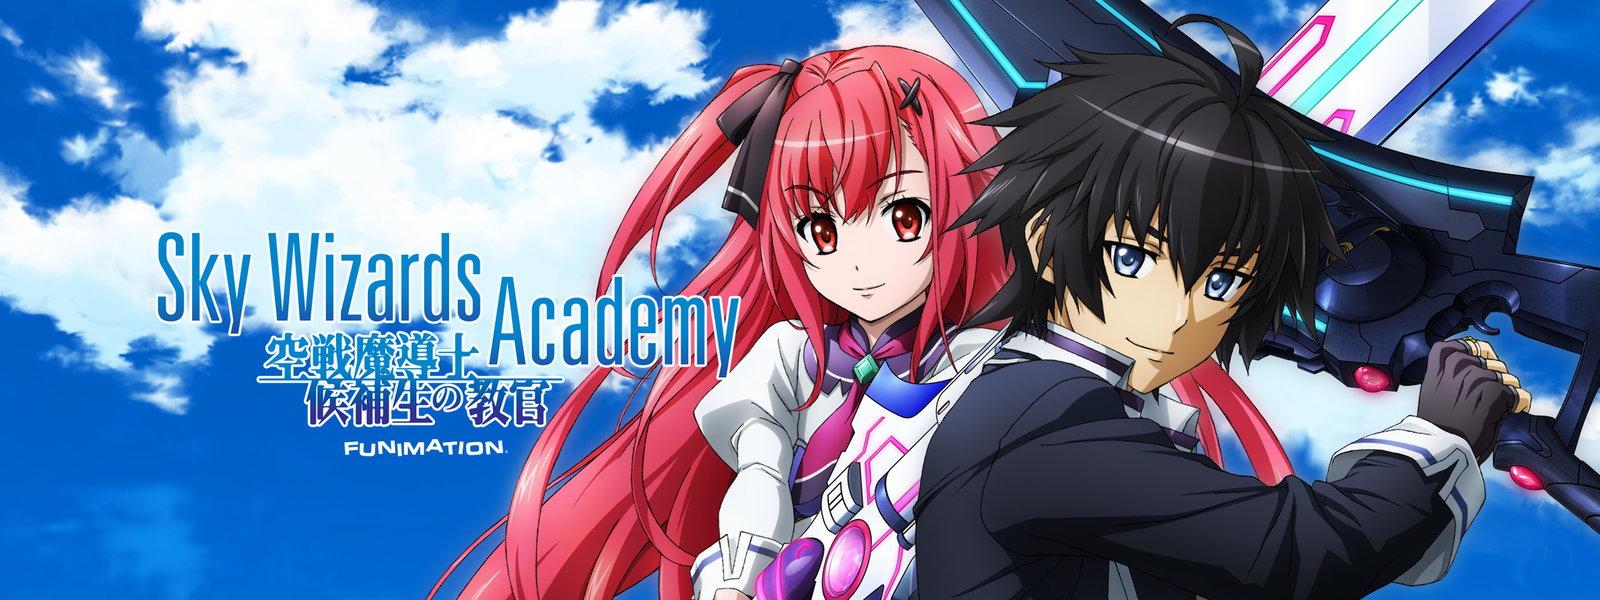 Sky Wizard Academy